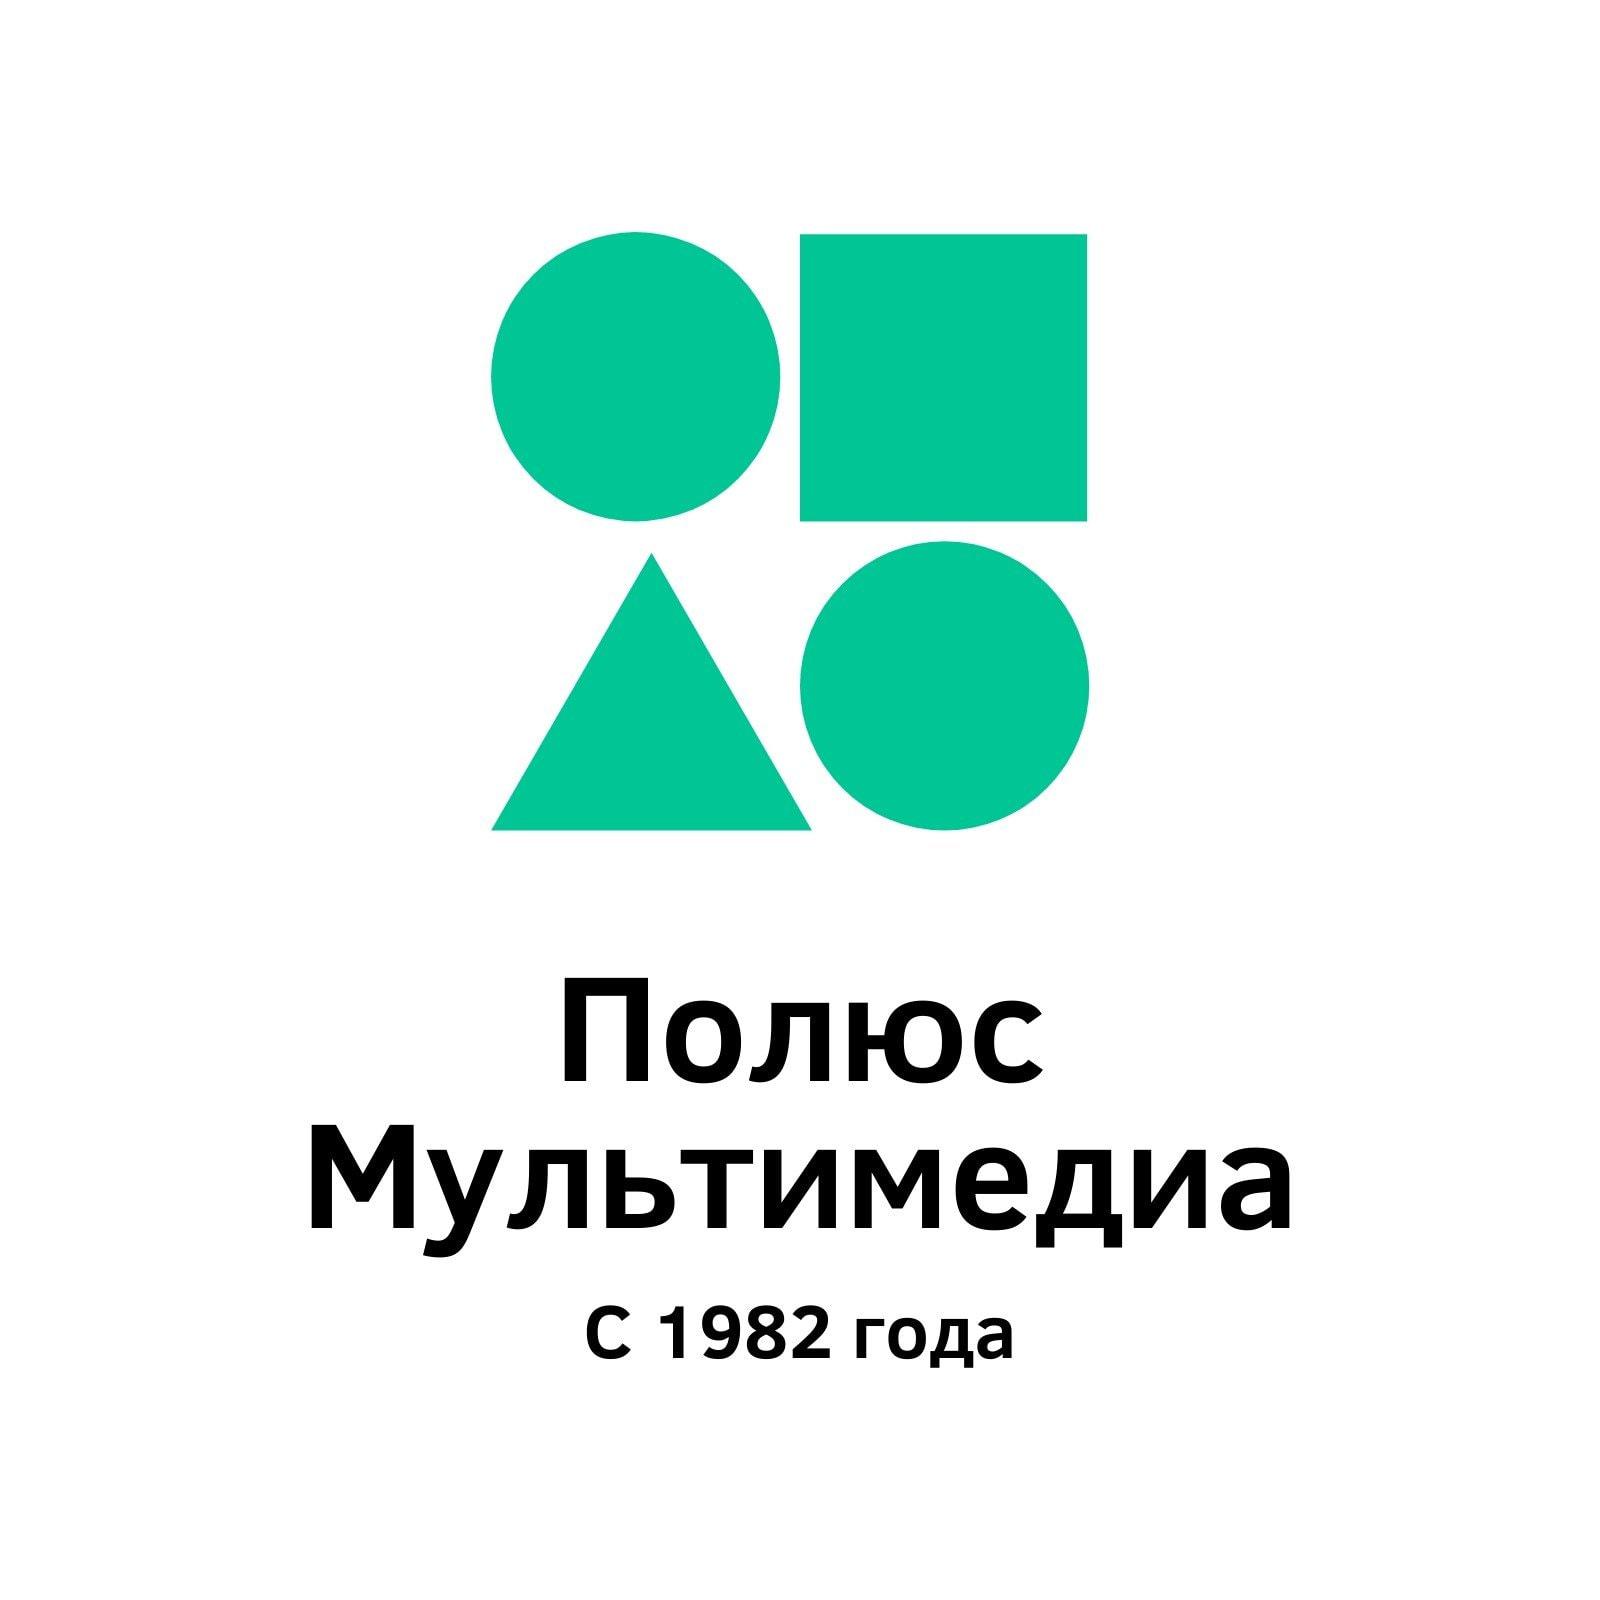 Разноцветные Фигуры Арт и Дизайн Логотип